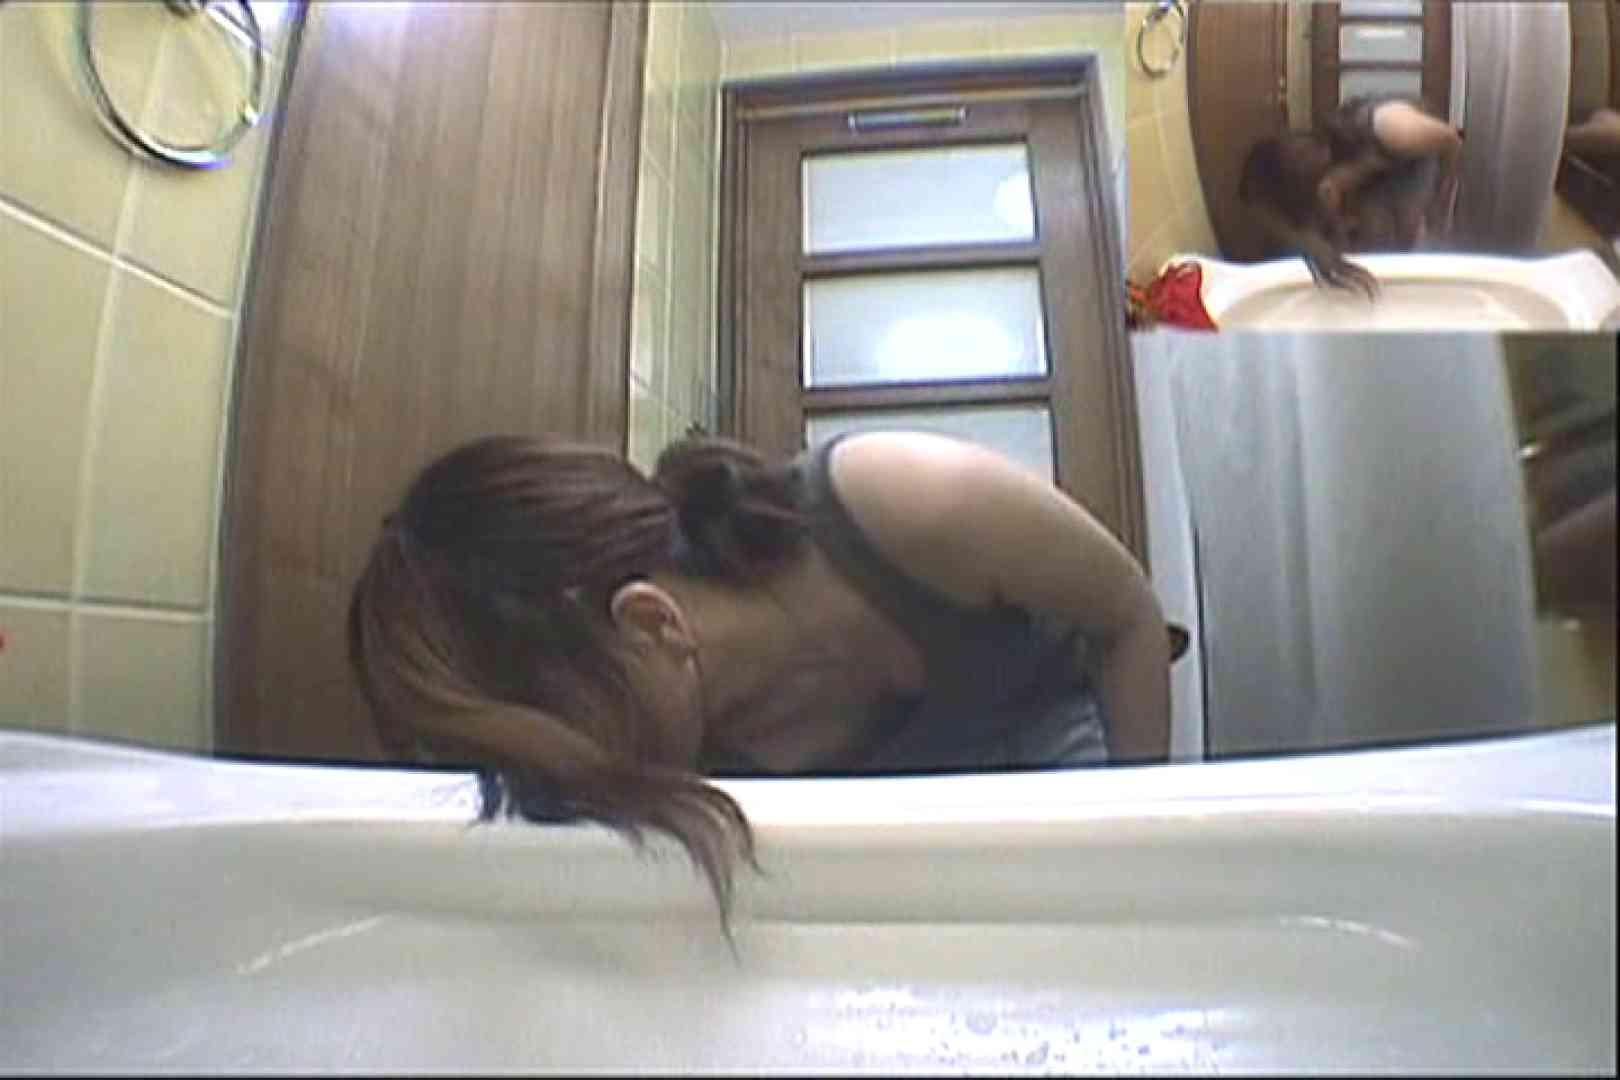 水着ギャルびっくり!! 洗面所盗撮Vol.10 シャワー 盗み撮り動画キャプチャ 106画像 55